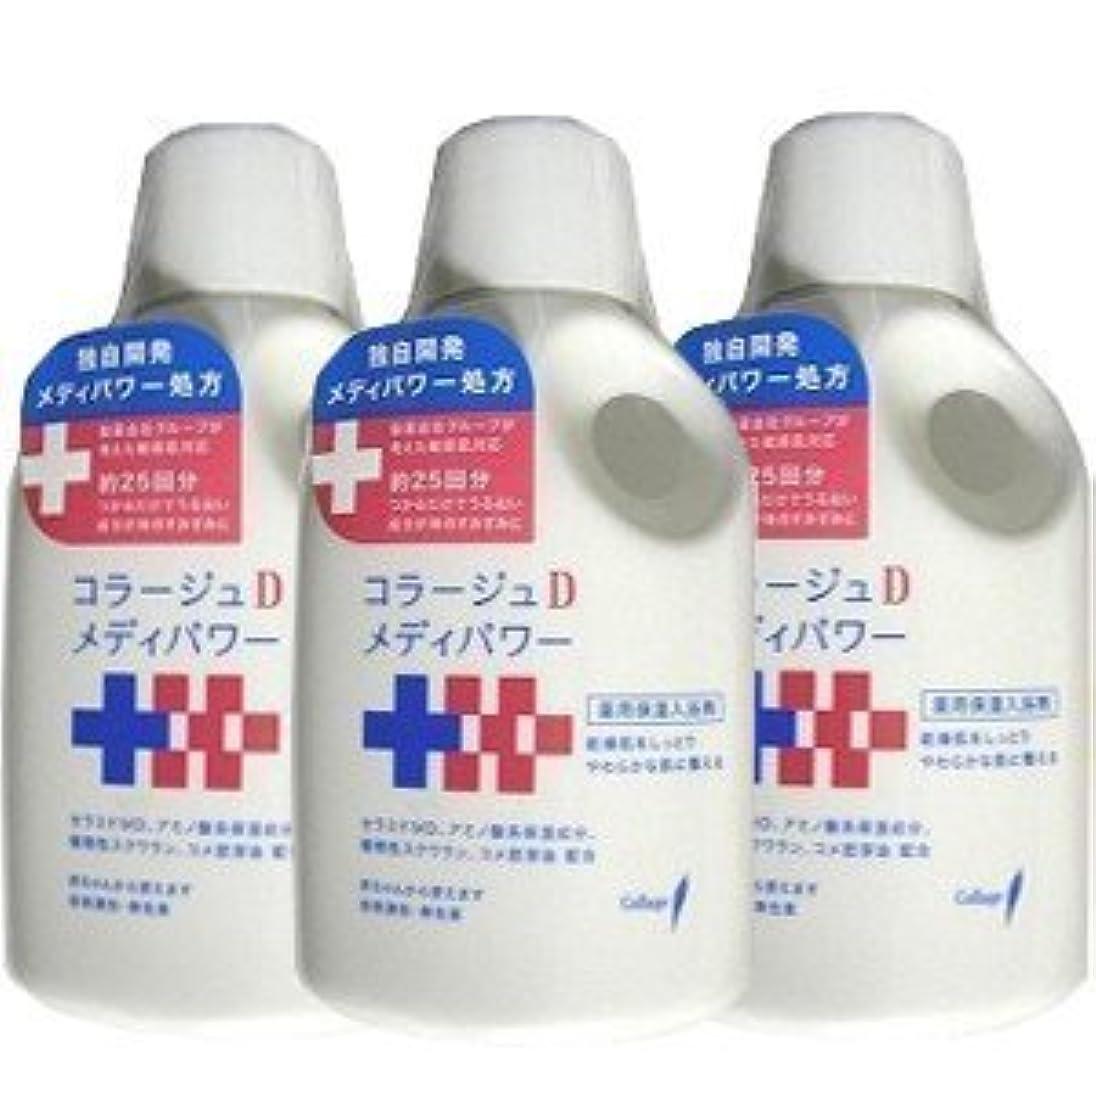 望ましい呼び出すダブル【3本】コラージュD メディパワー保湿入浴剤 500mlx3本